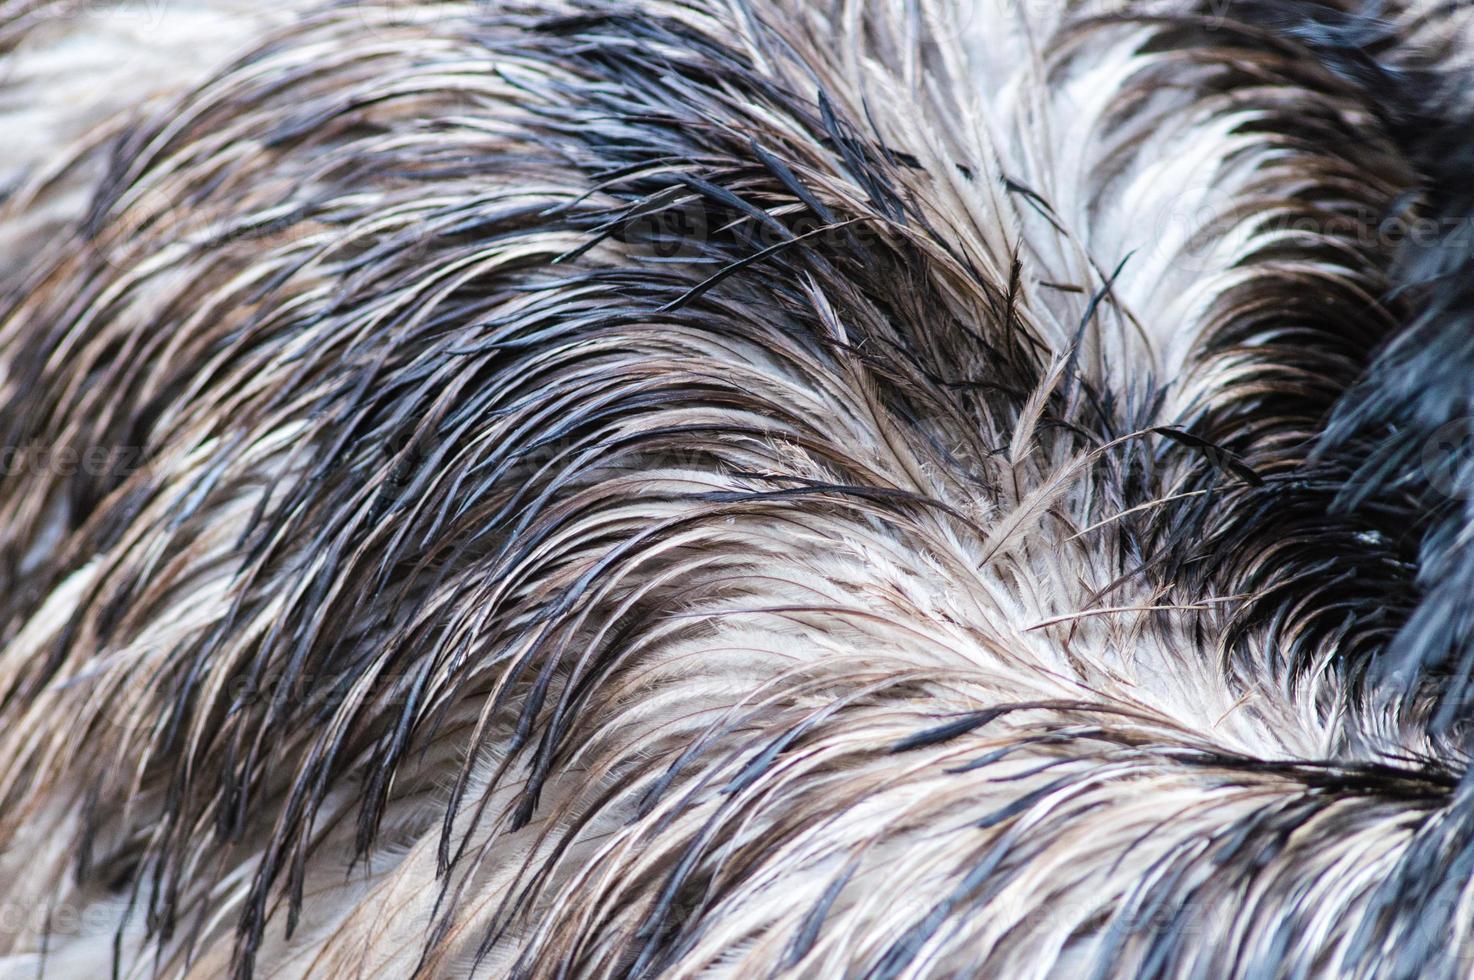 Fondo de plumas de avestruz. foto